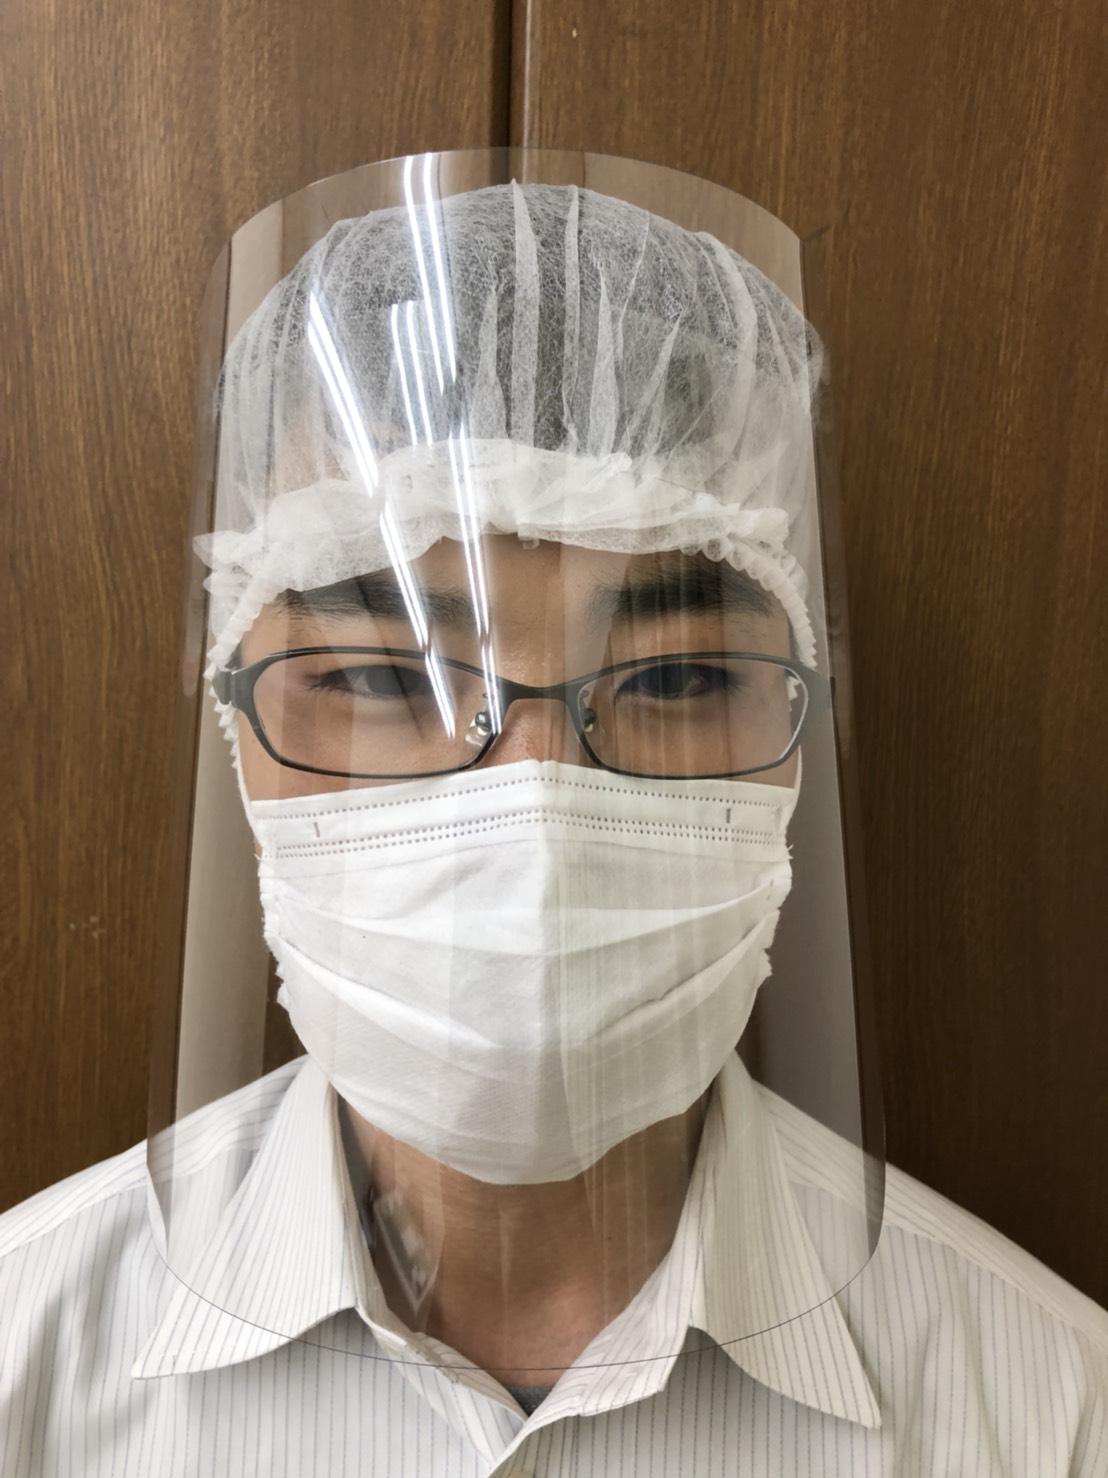 飛沫感染対策 フェイスシールド 230H(フェイスガード)製作